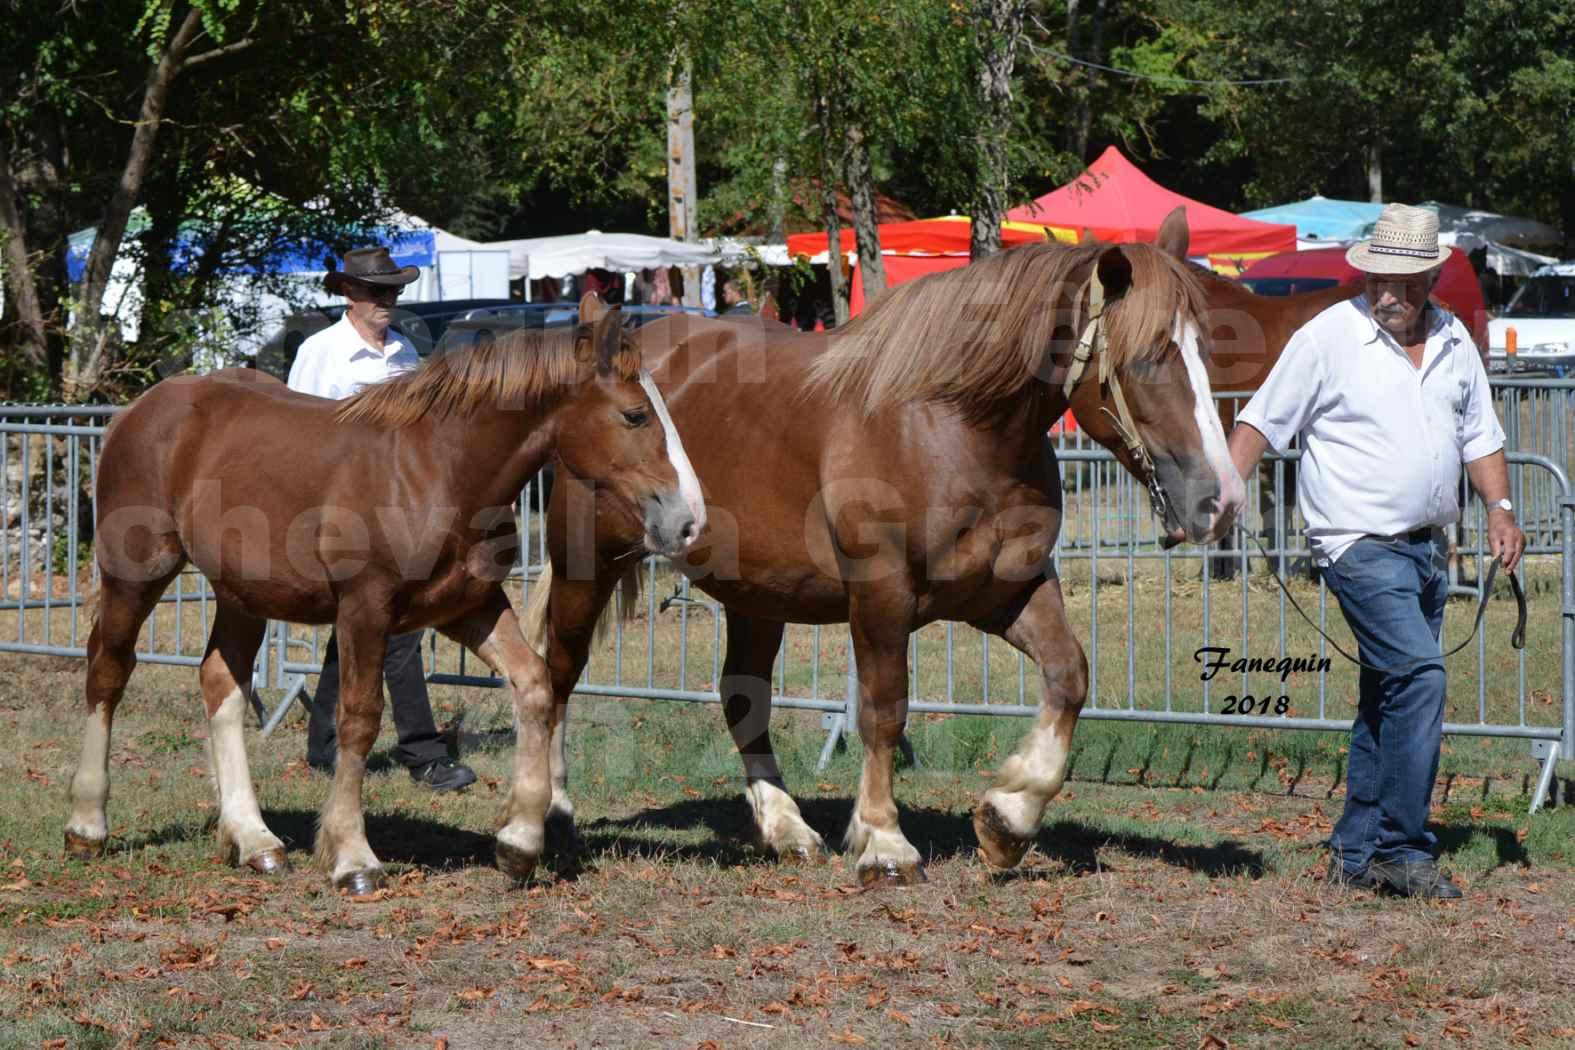 Fête du cheval à GRAULHET le 16 septembre 2018 - Concours Départemental de chevaux de traits - 22